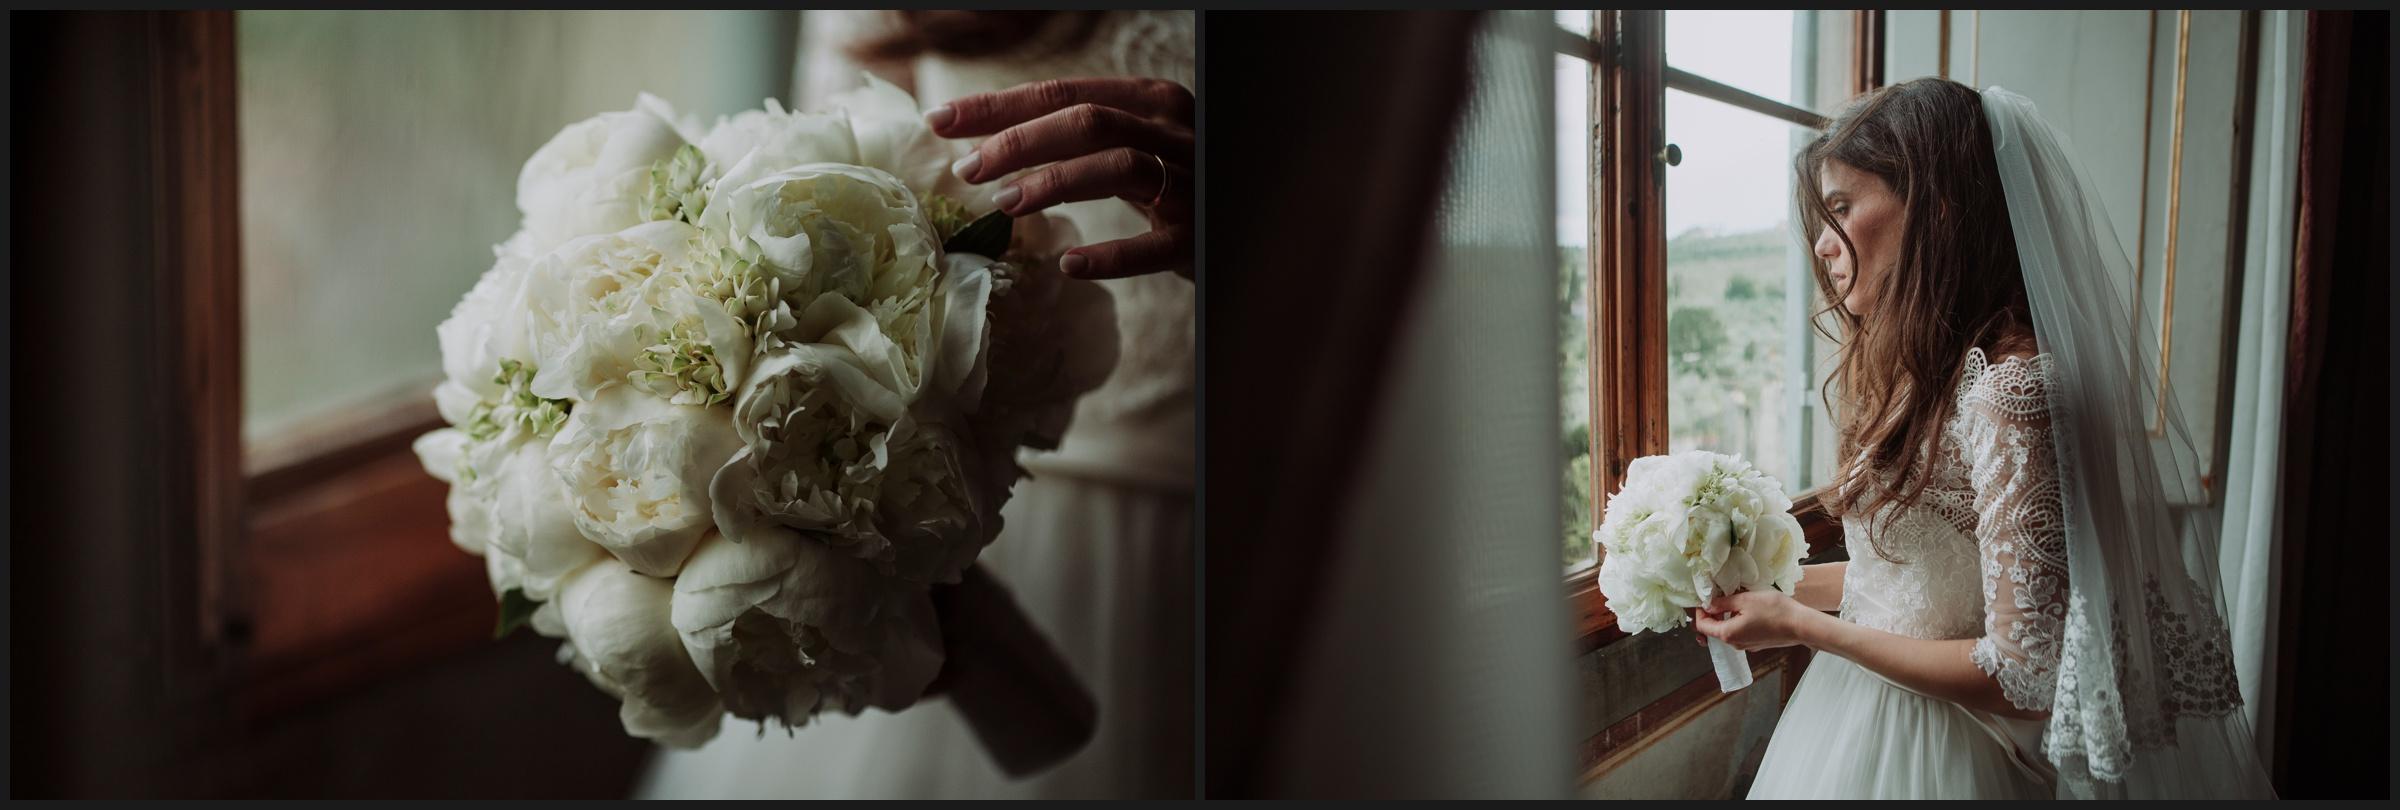 bride portrait and flower details